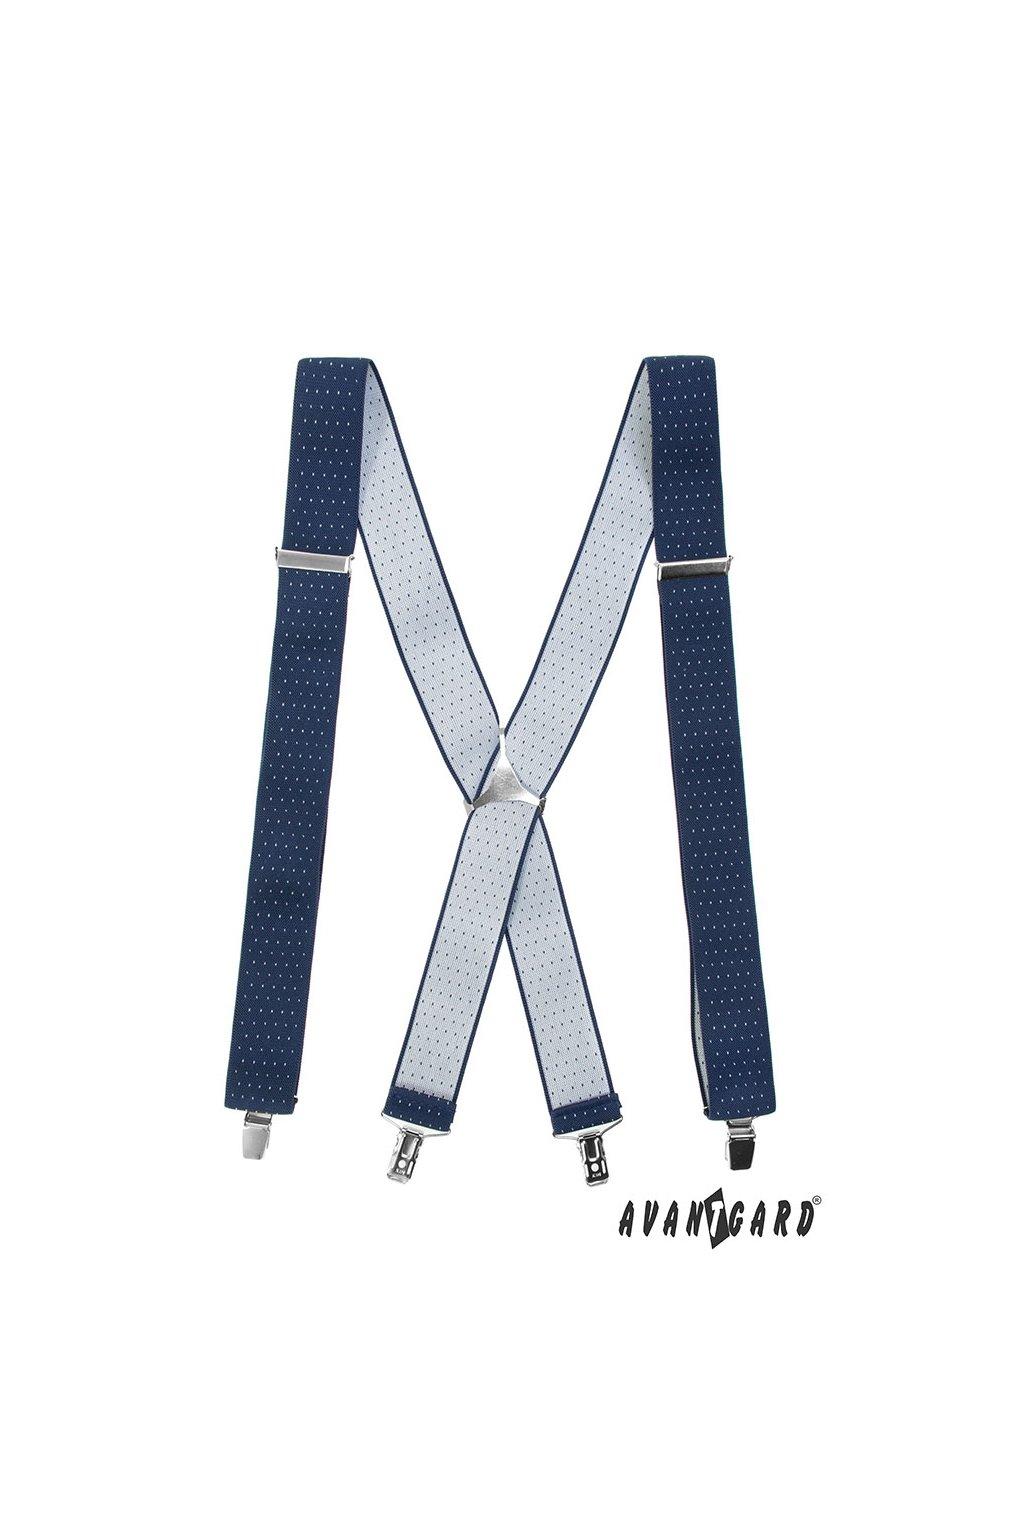 Modré šle X zapínaní na klipy 871 - 3102